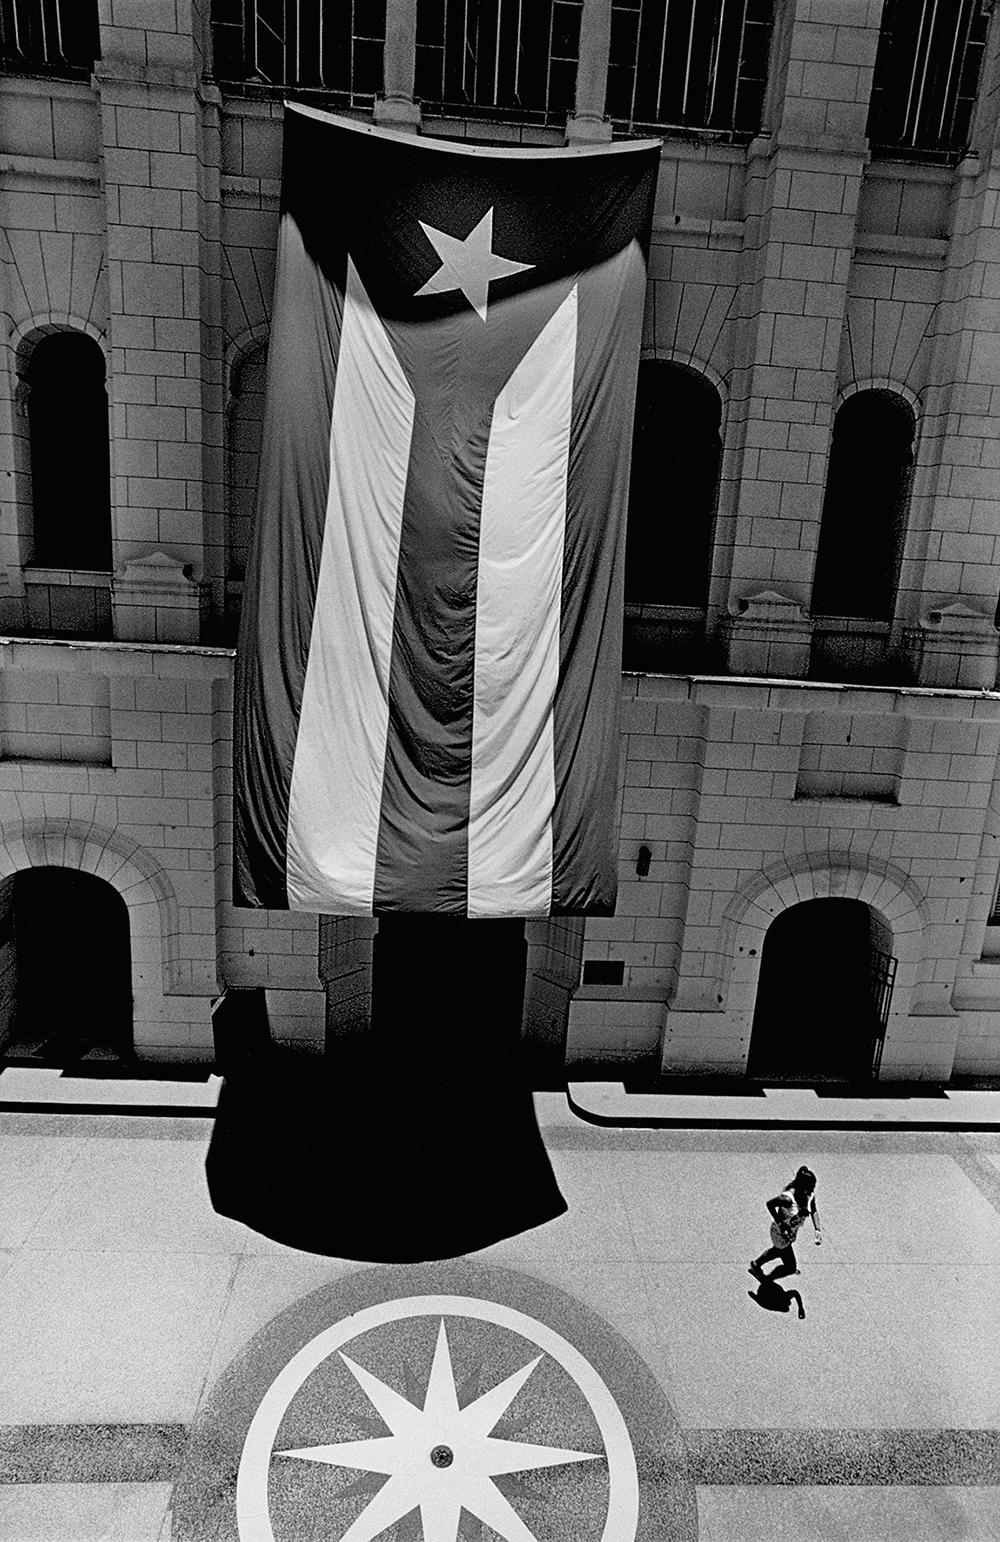 Museo de la Revolución, Havana, 2015  Photo © 2017 Elliott Erwitt/Magnum Photos.All rights reserved